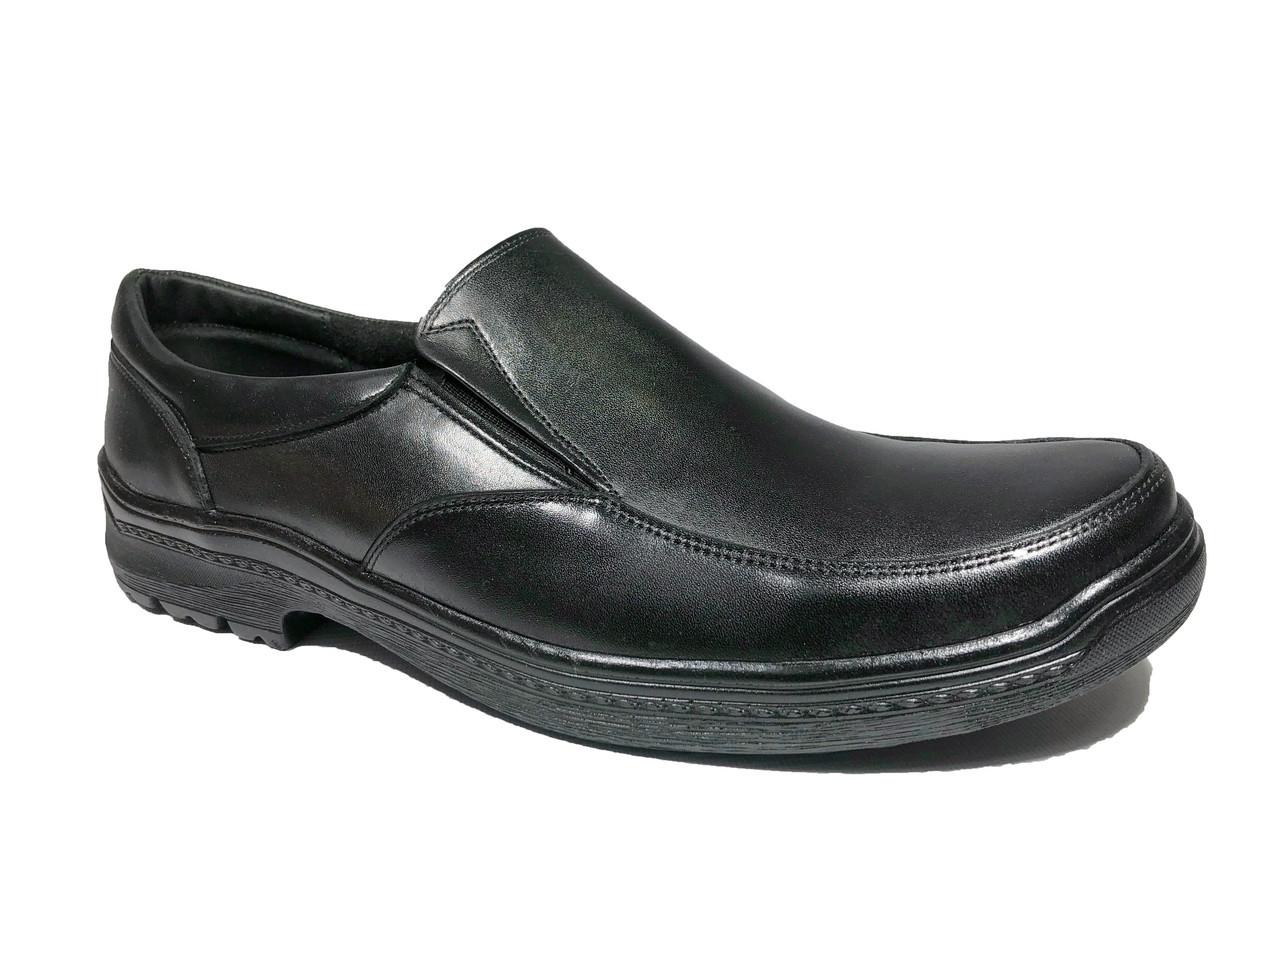 9e15ad6e8 Туфли мужские 47 размера кожаные повседневные модель Р-2 -  BigBoss-производитель мужской обуви